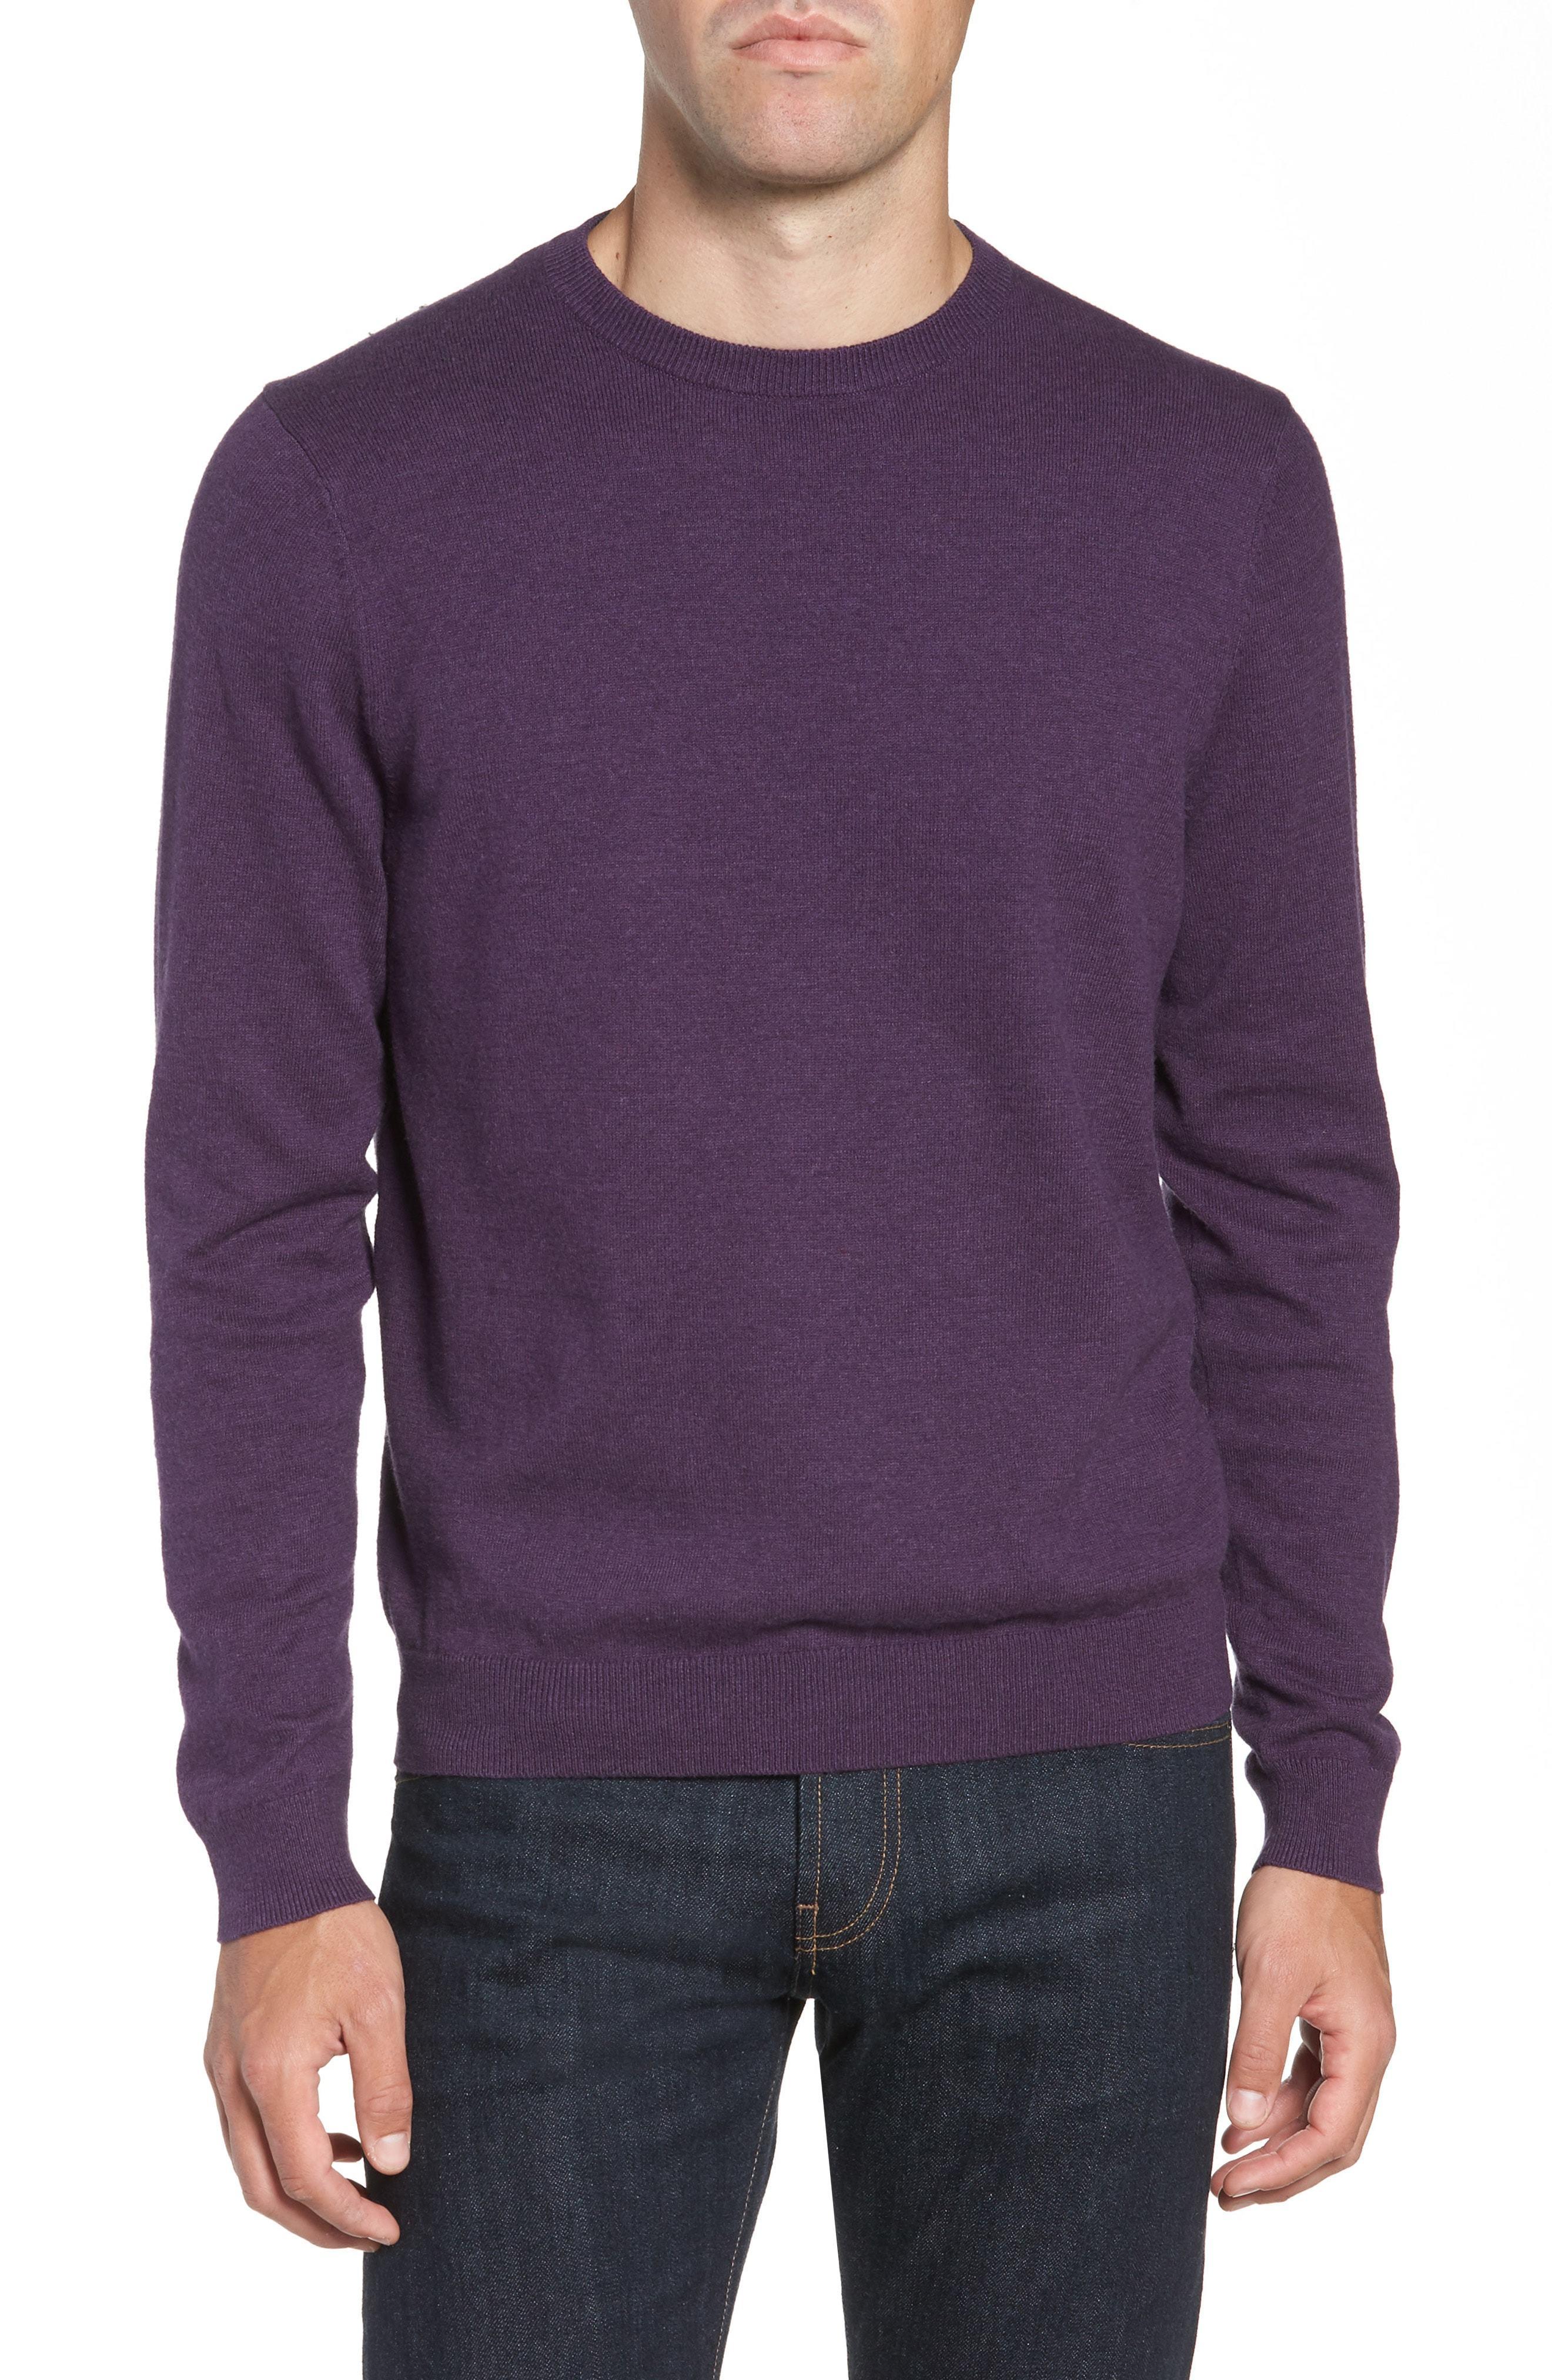 c363f160f5fc ... Nordstrom Men s Shop Cotton Cashmere Crewneck Sweater